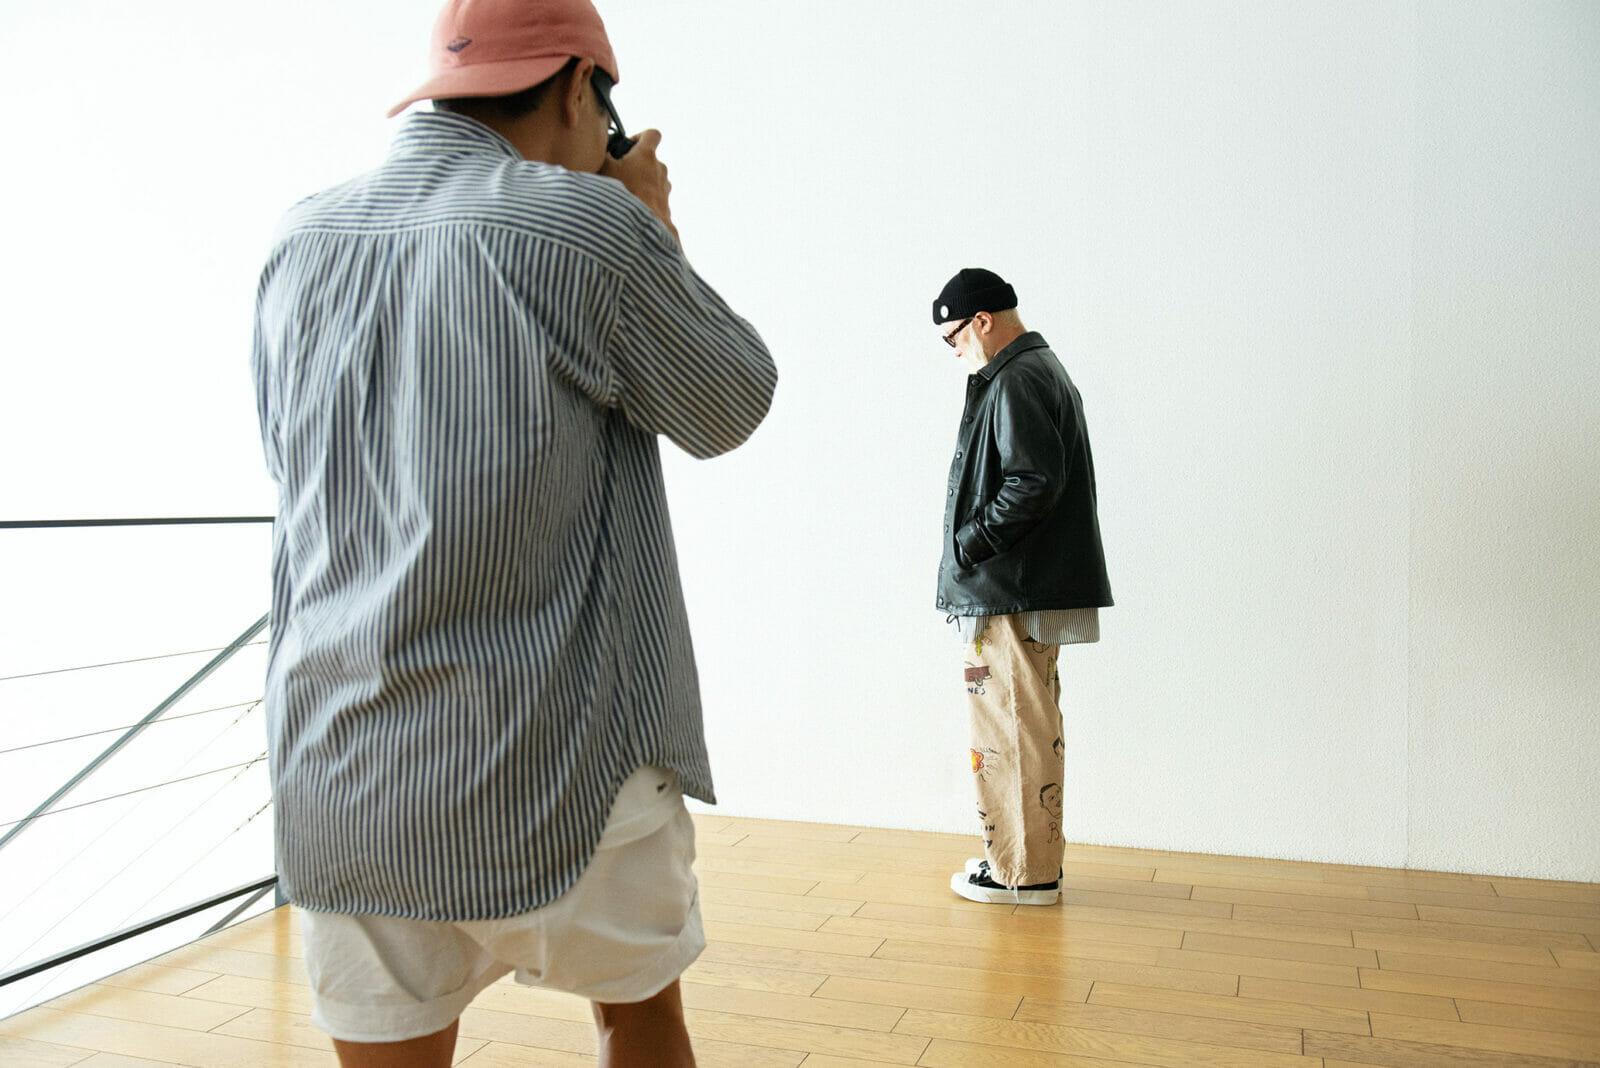 モデル役もカメラマンも、販売スタッフ。少ない言葉で的確に指示しながら撮影は進んでいく。